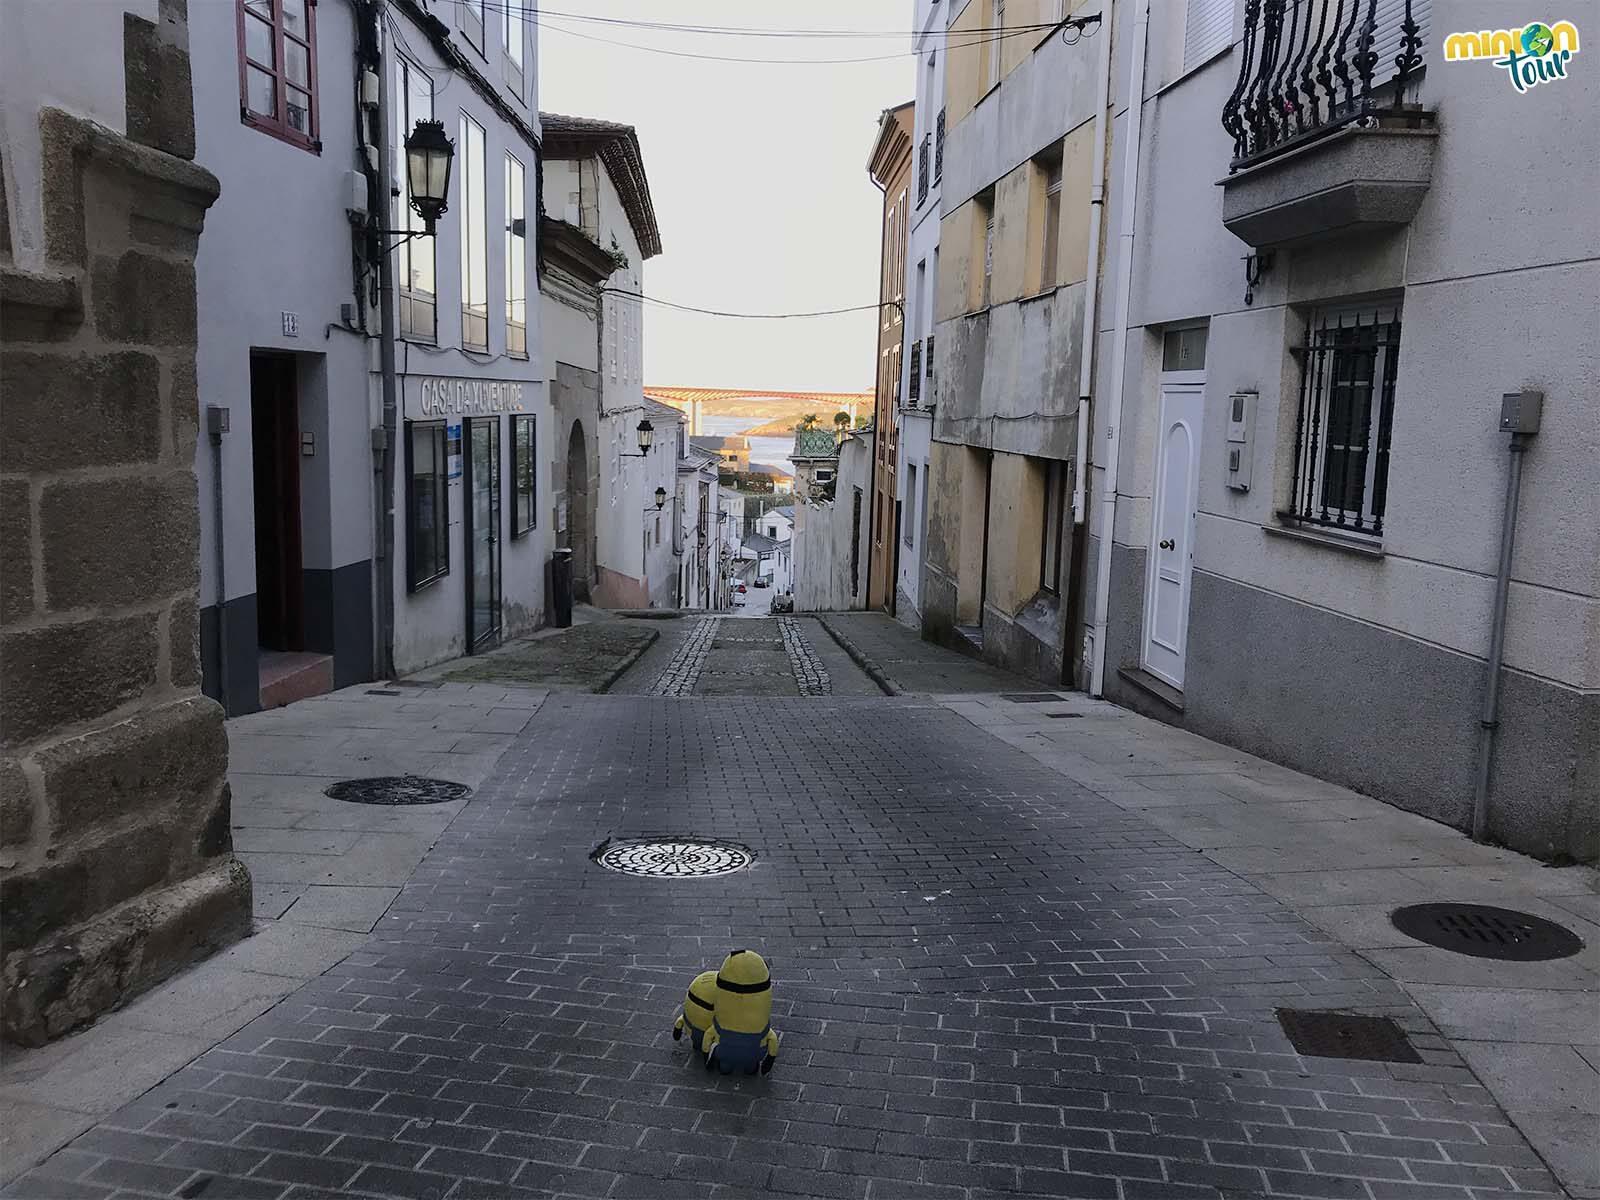 Minions paseando por las calles de Ribadeo